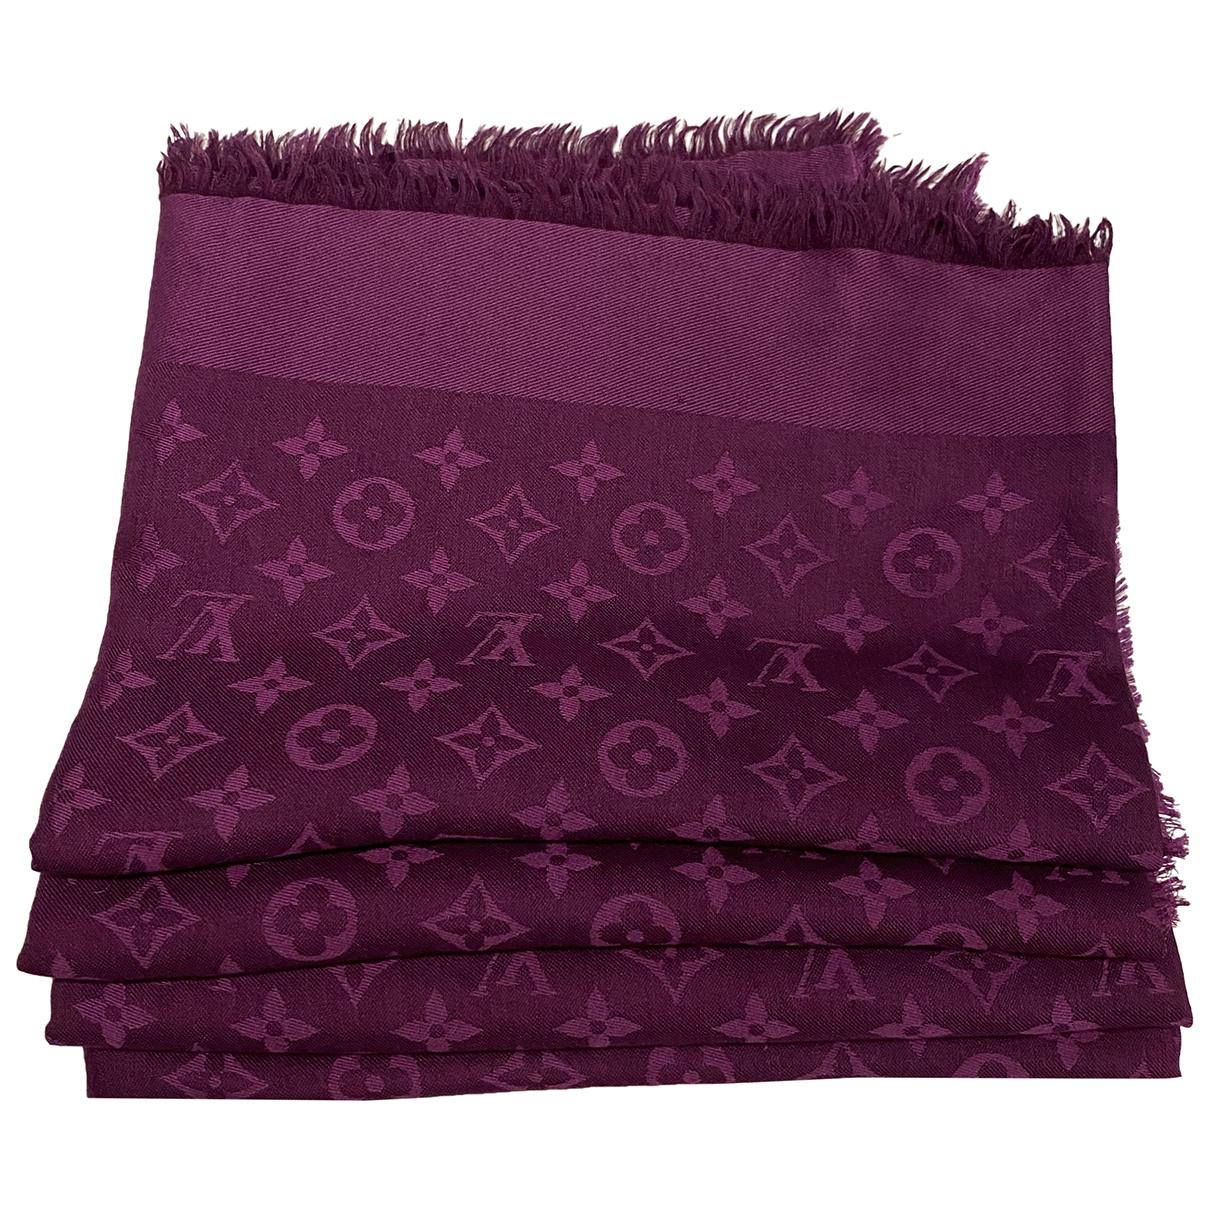 Bufanda Chale Monogram de Seda Louis Vuitton